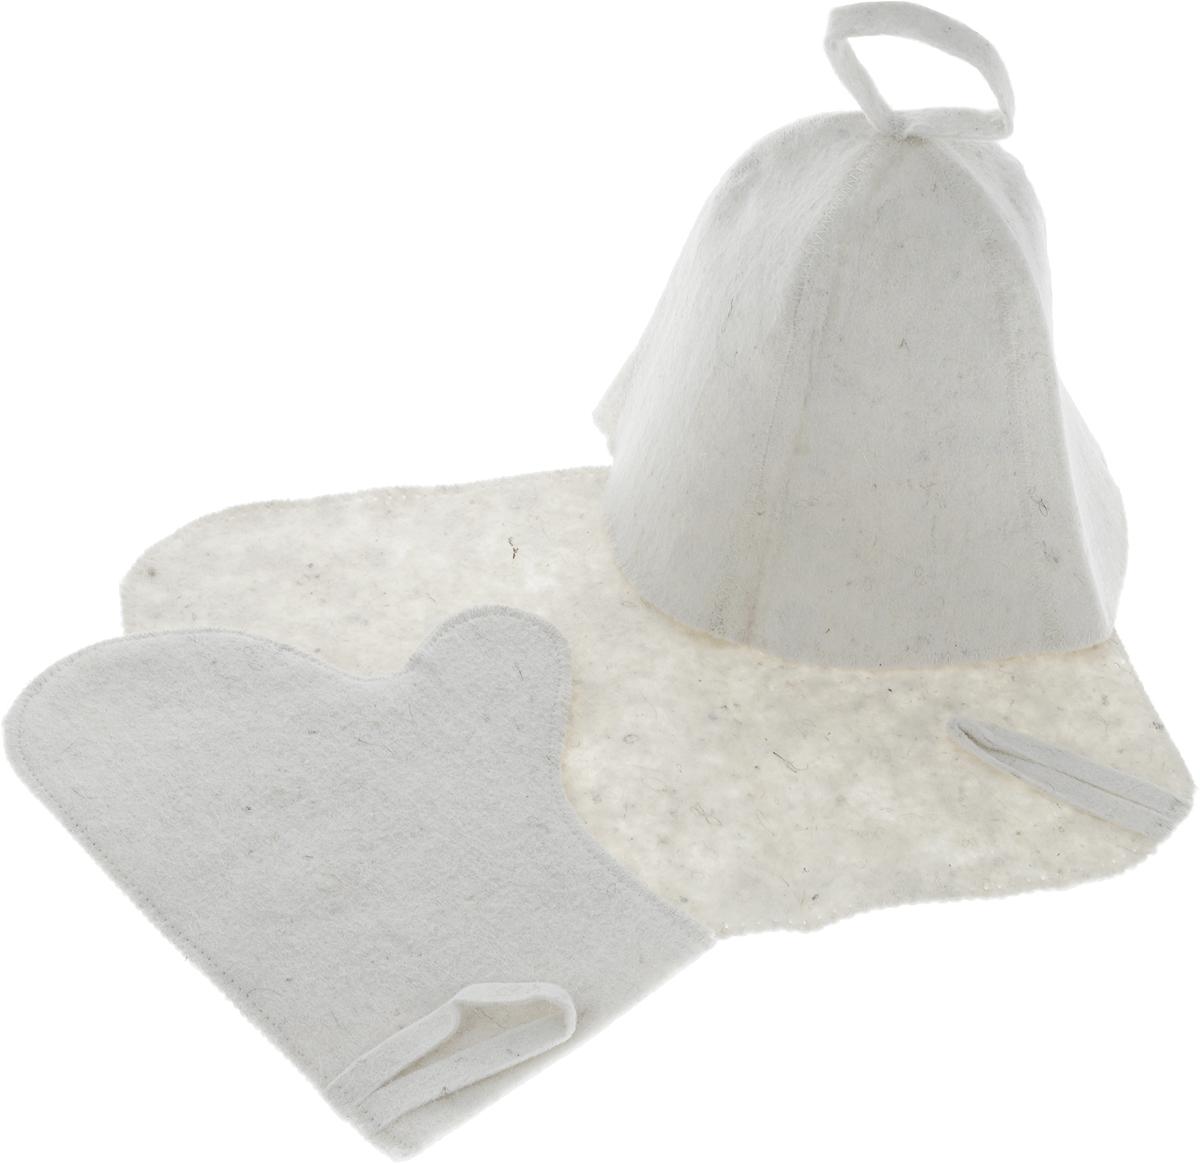 Набор для бани и сауны Proffi, 3 предмета наборы аксессуаров для бани proffi набор для баникамуфляж